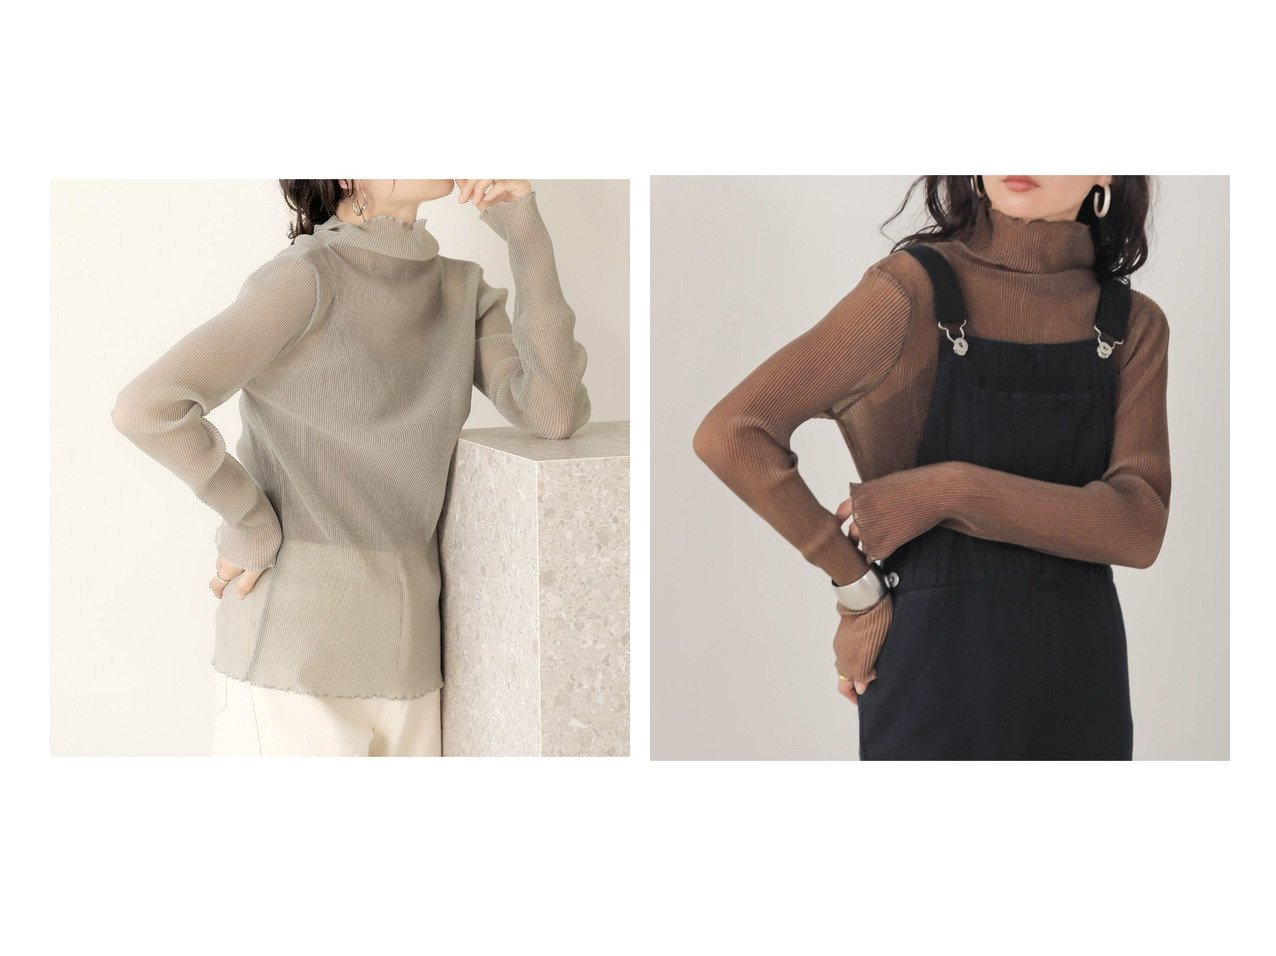 【Bab/バブ】のシアープリーツハイネックトップス おすすめ!人気!プチプライスで上品なファッションアイテムの通販  おすすめで人気の流行・トレンド、ファッションの通販商品 メンズファッション・キッズファッション・インテリア・家具・レディースファッション・服の通販 founy(ファニー) https://founy.com/ ファッション Fashion レディースファッション WOMEN トップス カットソー Tops Tshirt おすすめ Recommend インナー シアー ジャケット トレンド ハイネック プチプライス・低価格 Affordable プリーツ ポケット 秋 Autumn/Fall  ID:crp329100000021344